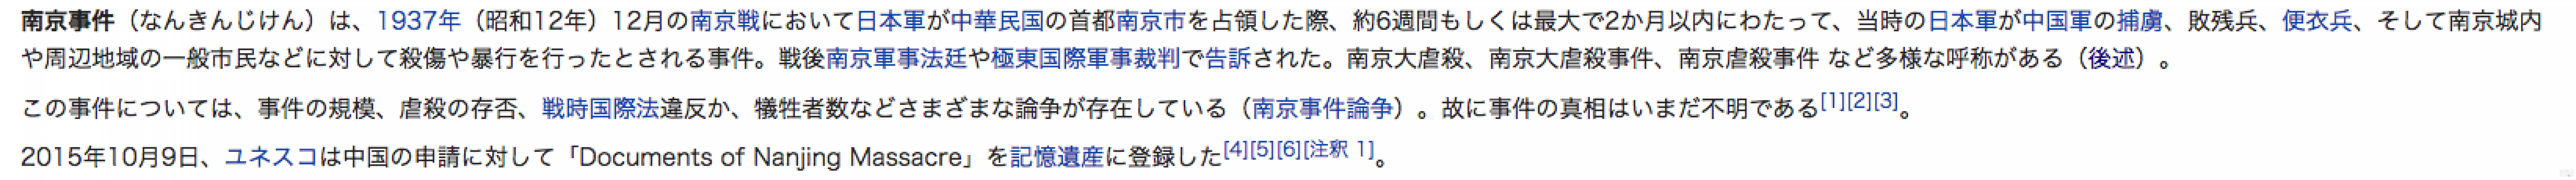 屏幕快照_2017-04-04_18